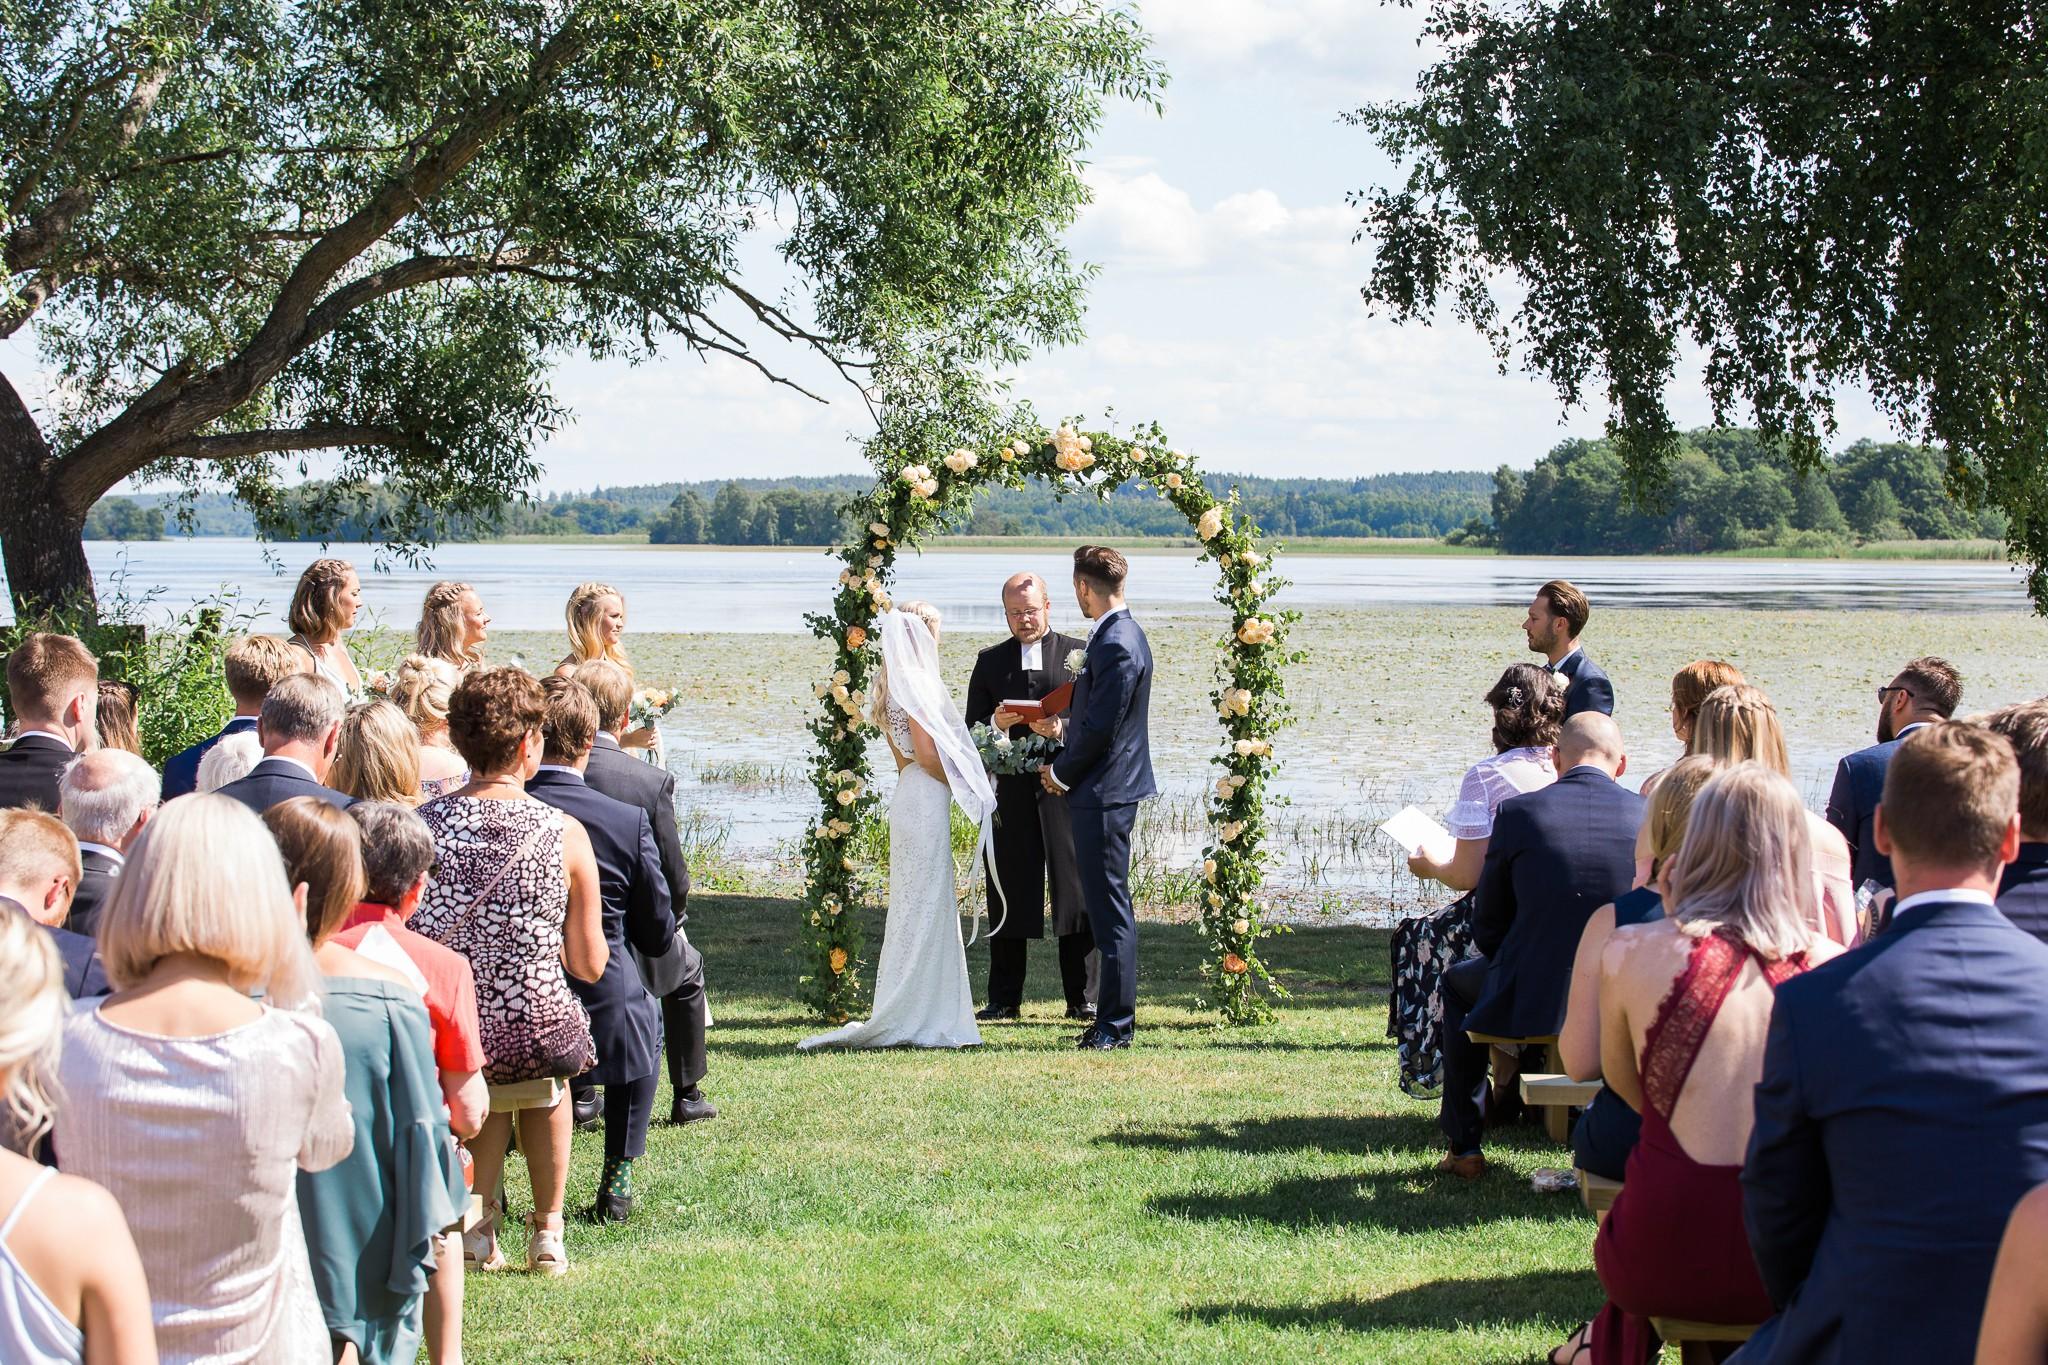 Events & bröllop - Vi erbjuder ett stort utbud av olika event året runt, med allt från bröllop, sommarfester och företagsevent. Prata med vår personal om att planera ditt nästa evenemang redan idag.